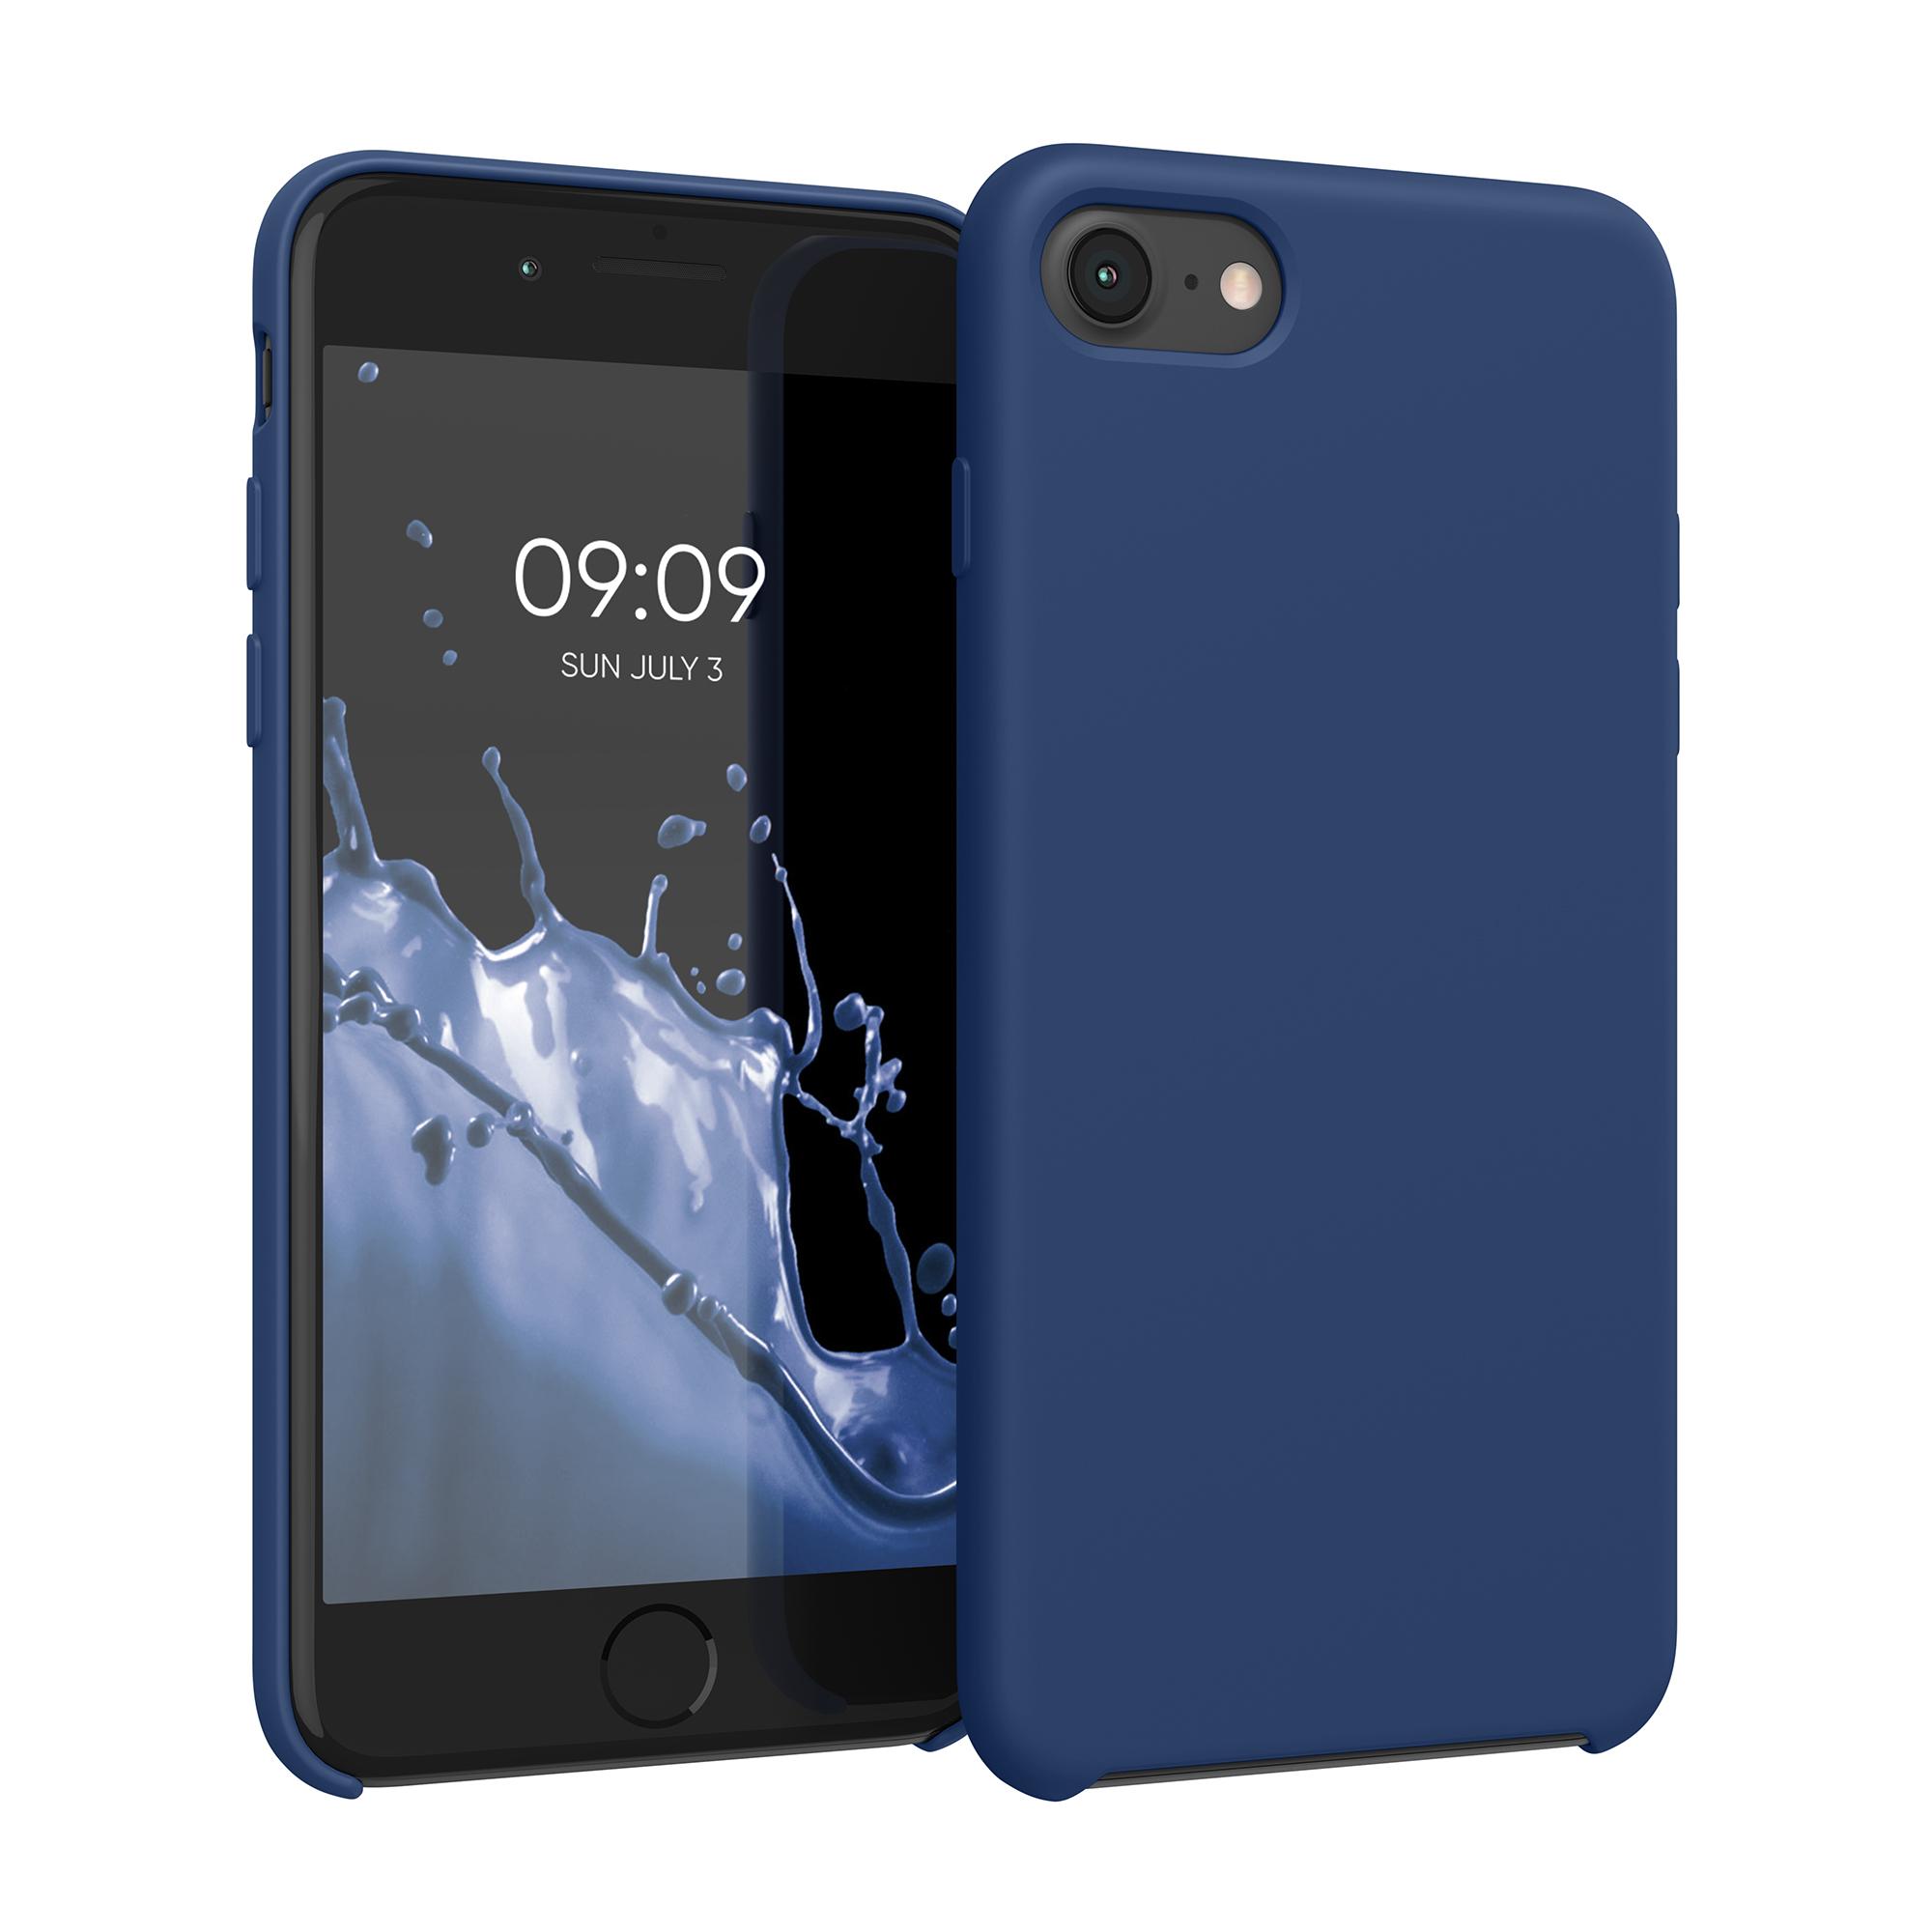 Kvalitní silikonové TPU pouzdro pro Apple iPhone 7 / 8 / SE  - Námořnická modrá